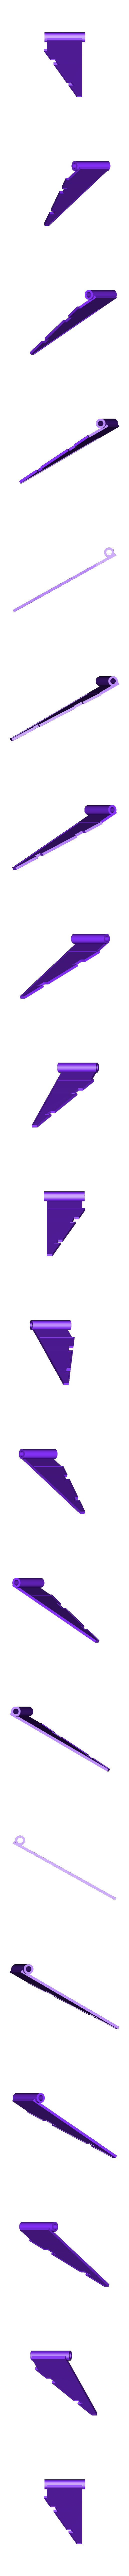 Rear_FrontFin_A.stl Télécharger fichier STL gratuit Frégate Nebulon B (coupée et sectionnée) • Modèle pour impression 3D, Masterkookus